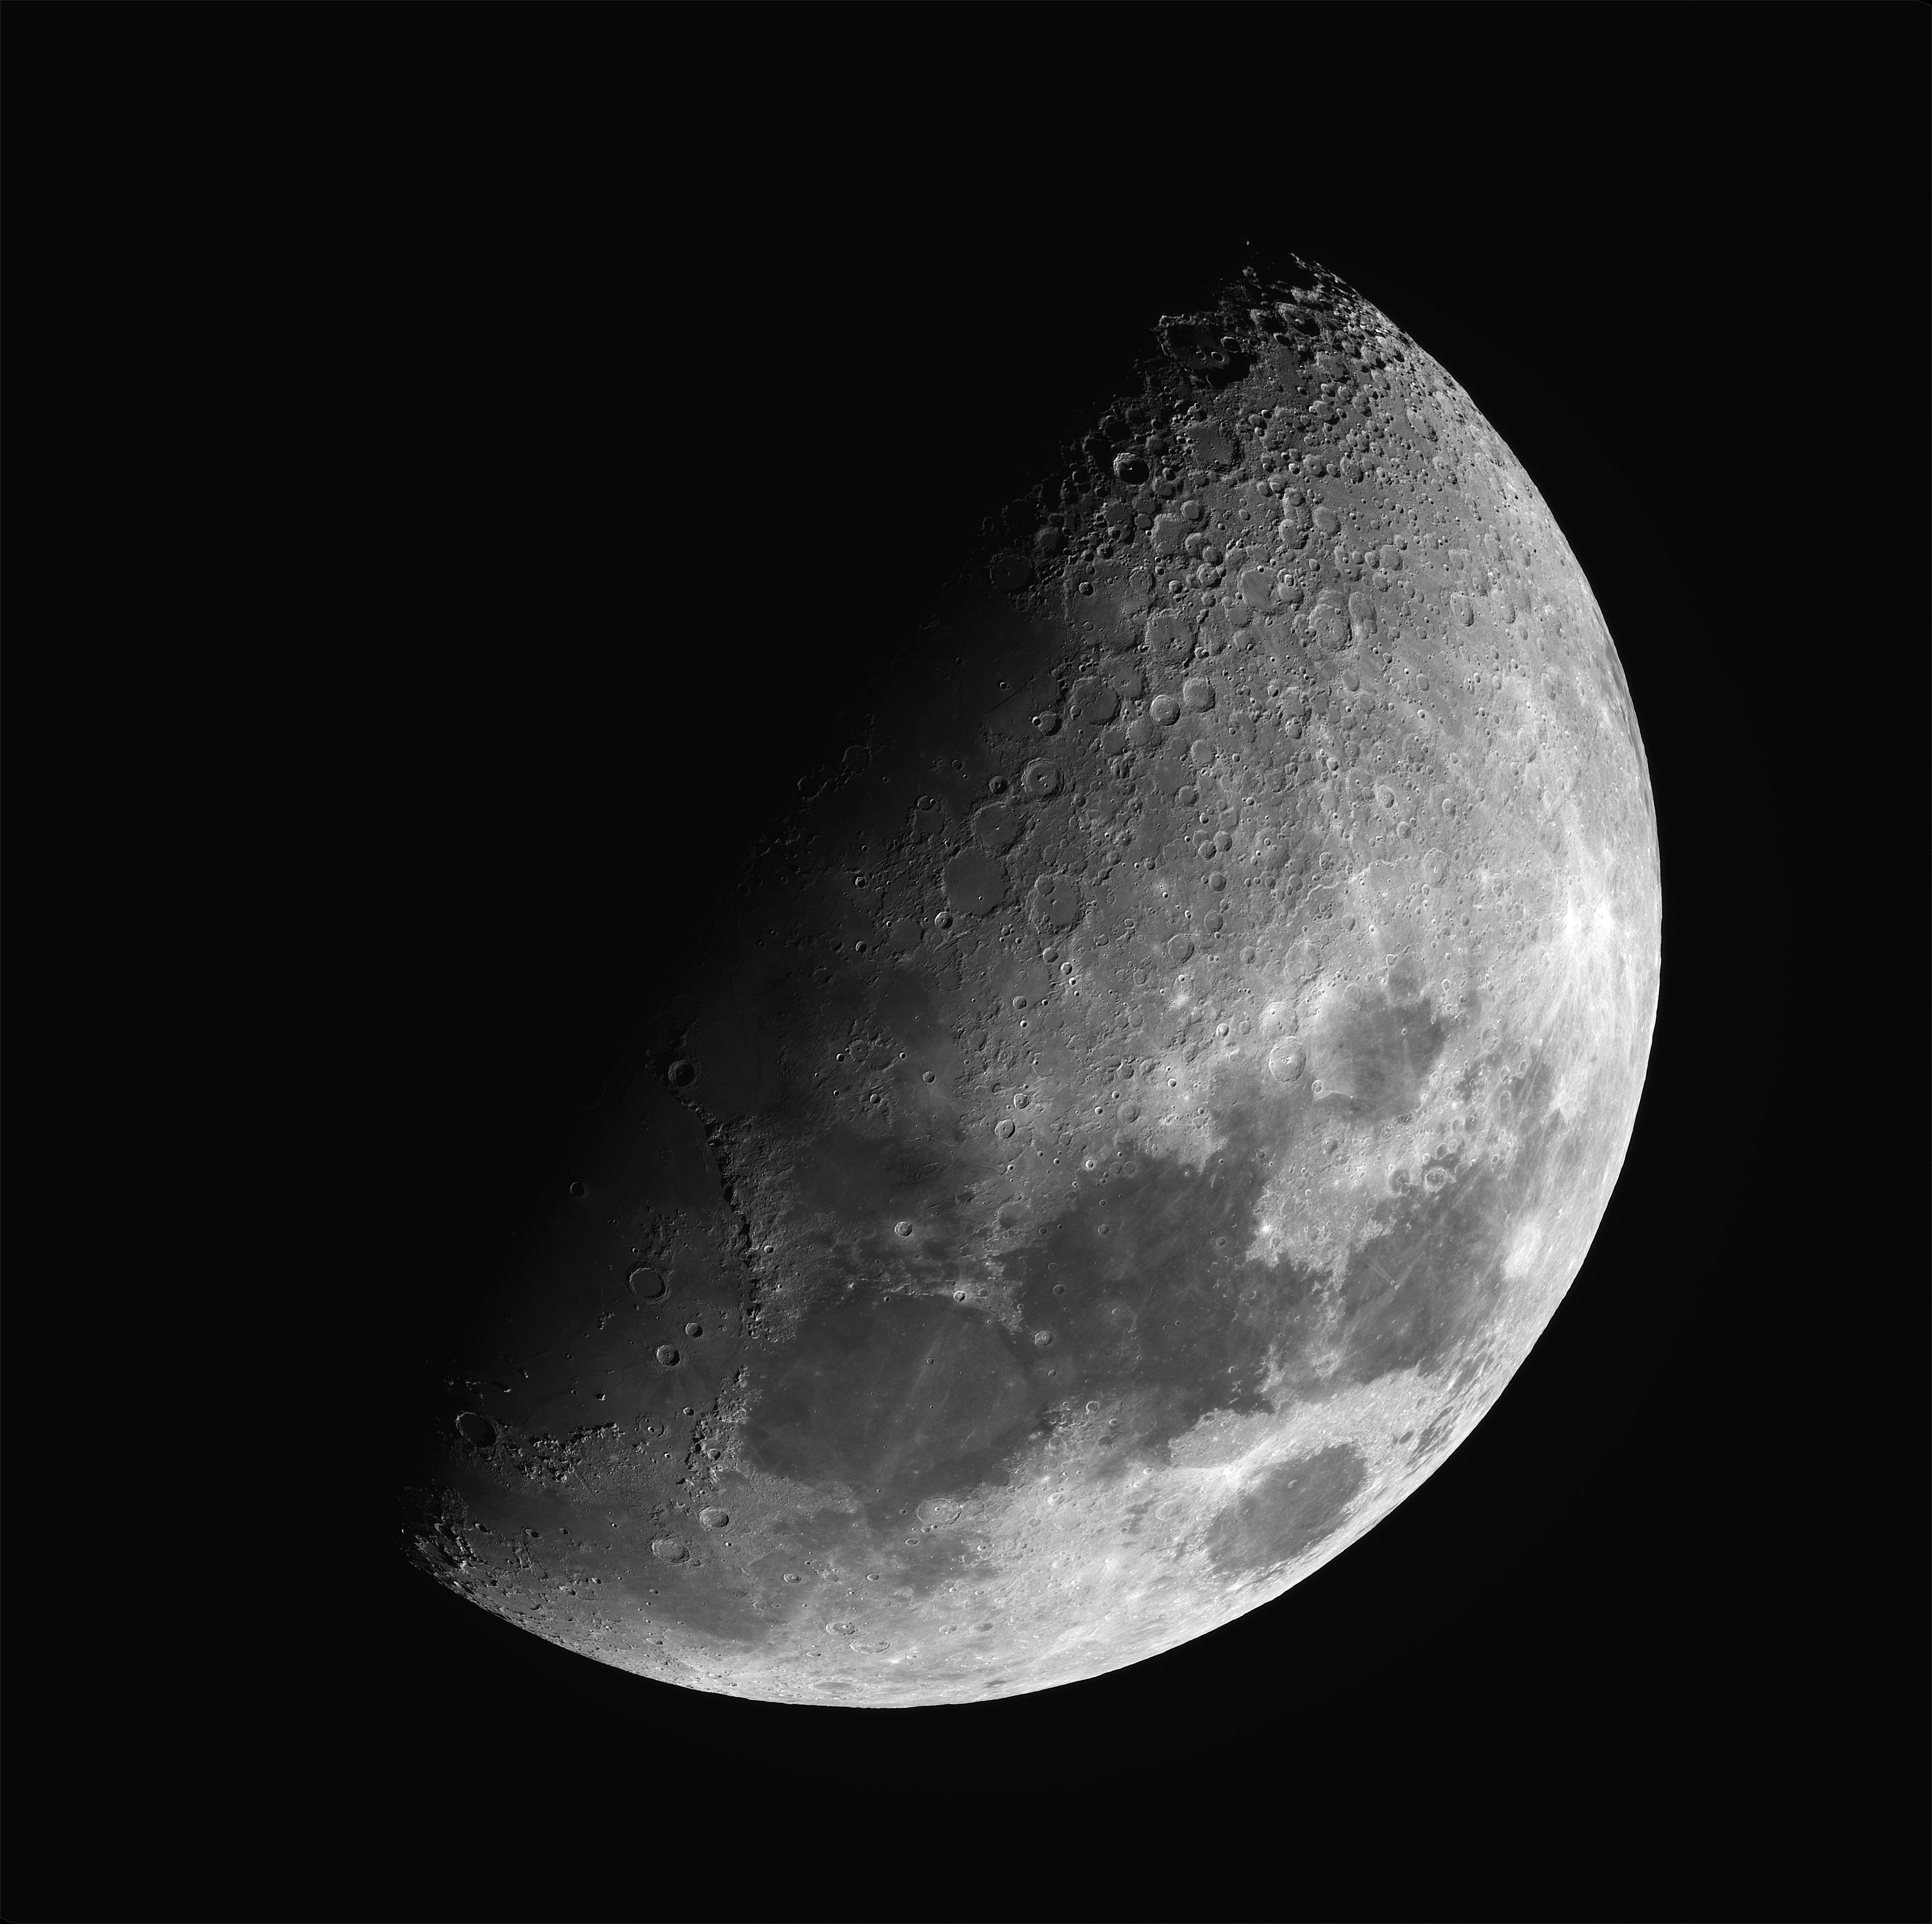 Moon_2021MAR22_20_12_28-2.jpg